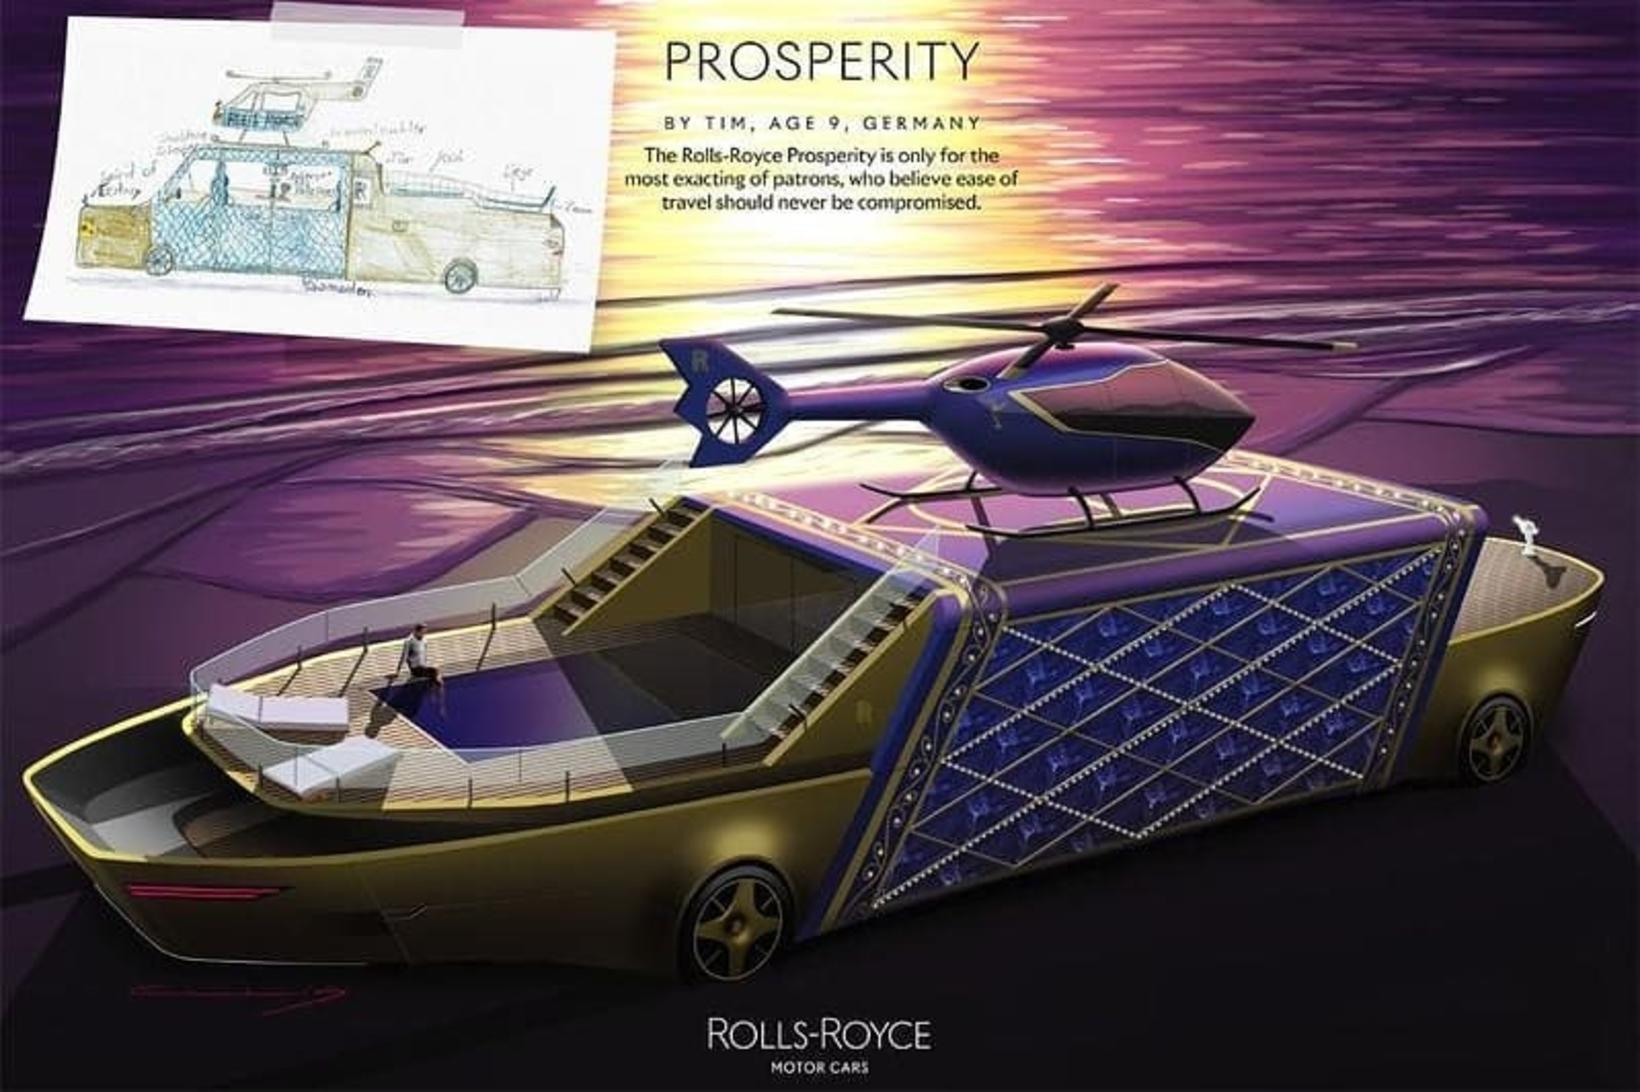 Rolls Royce Prosperity